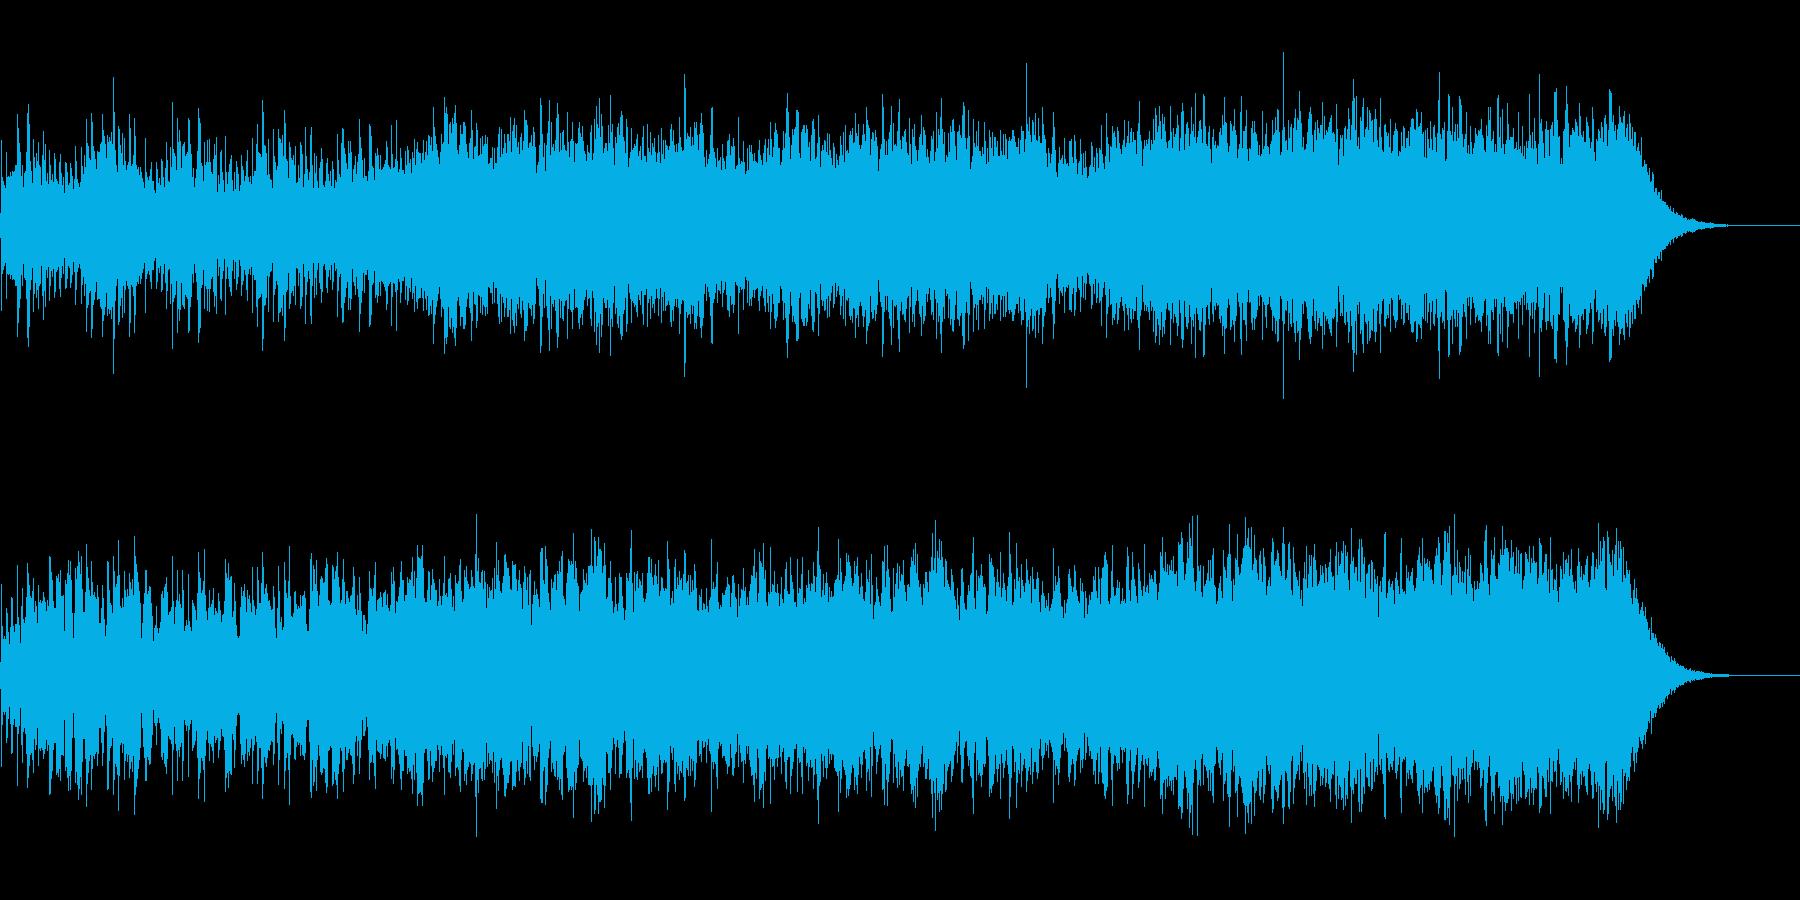 Dark_ホラーで怪しく神秘的-15の再生済みの波形